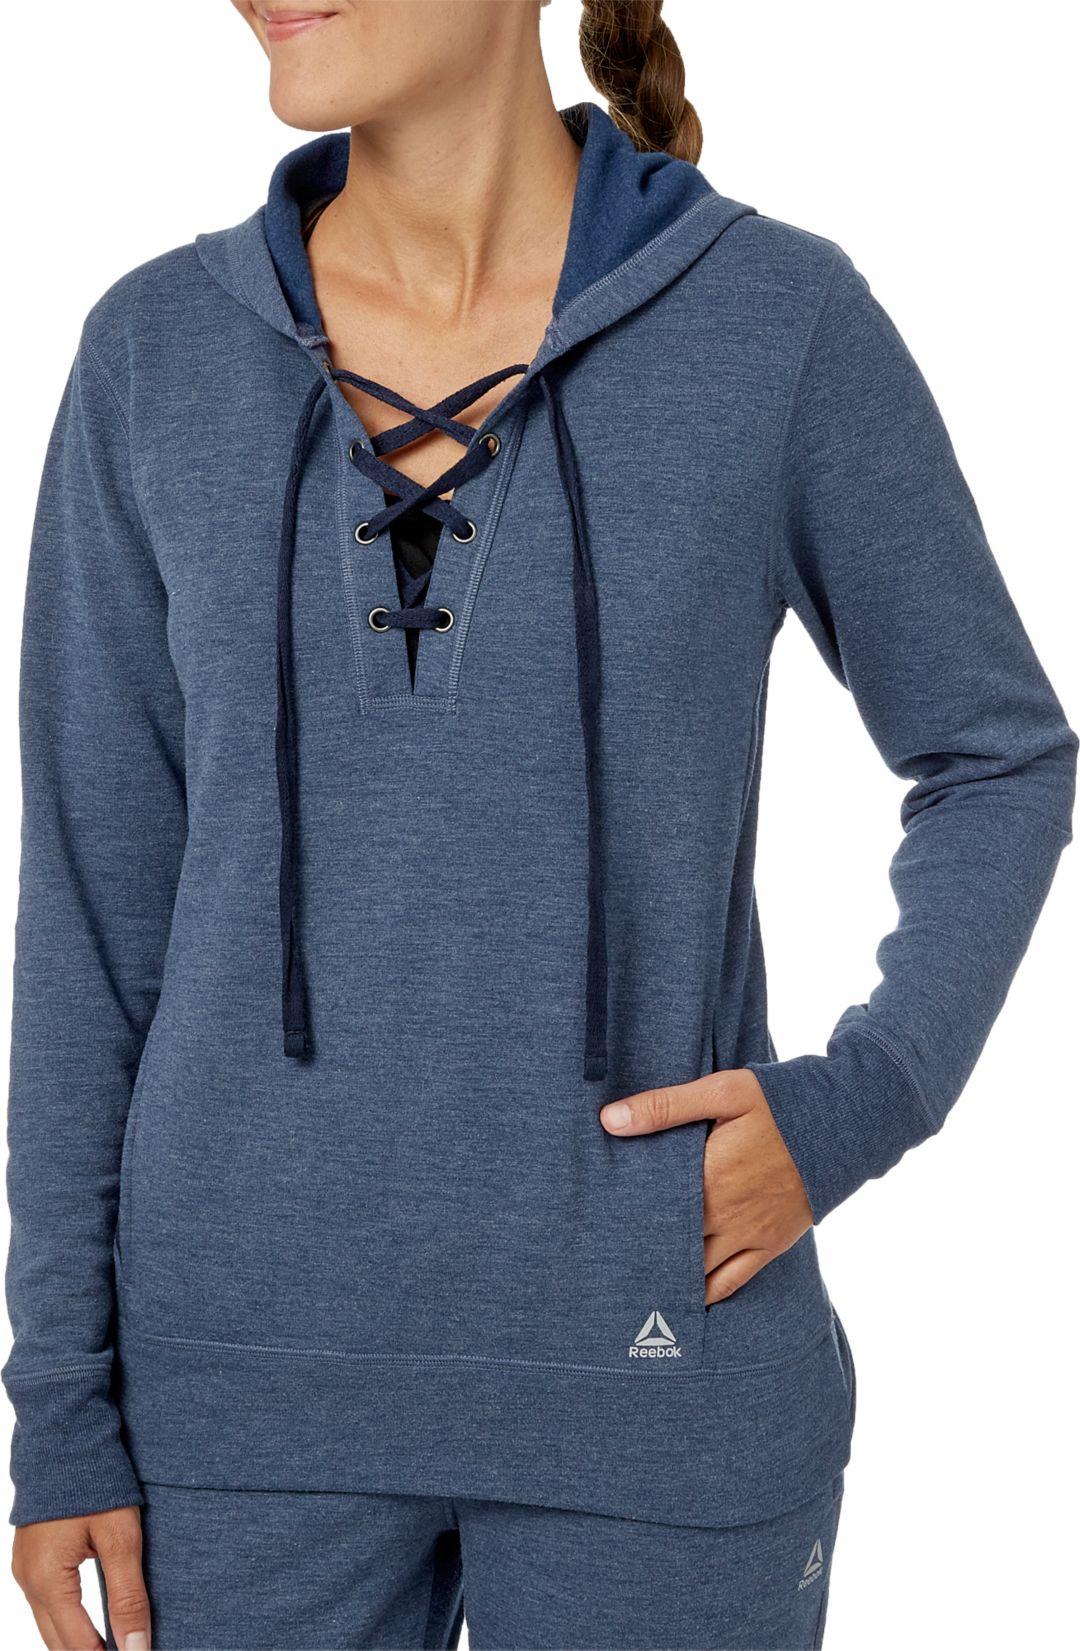 d4a97071 Reebok Women's Fleece Popover Lace Up Hoodie